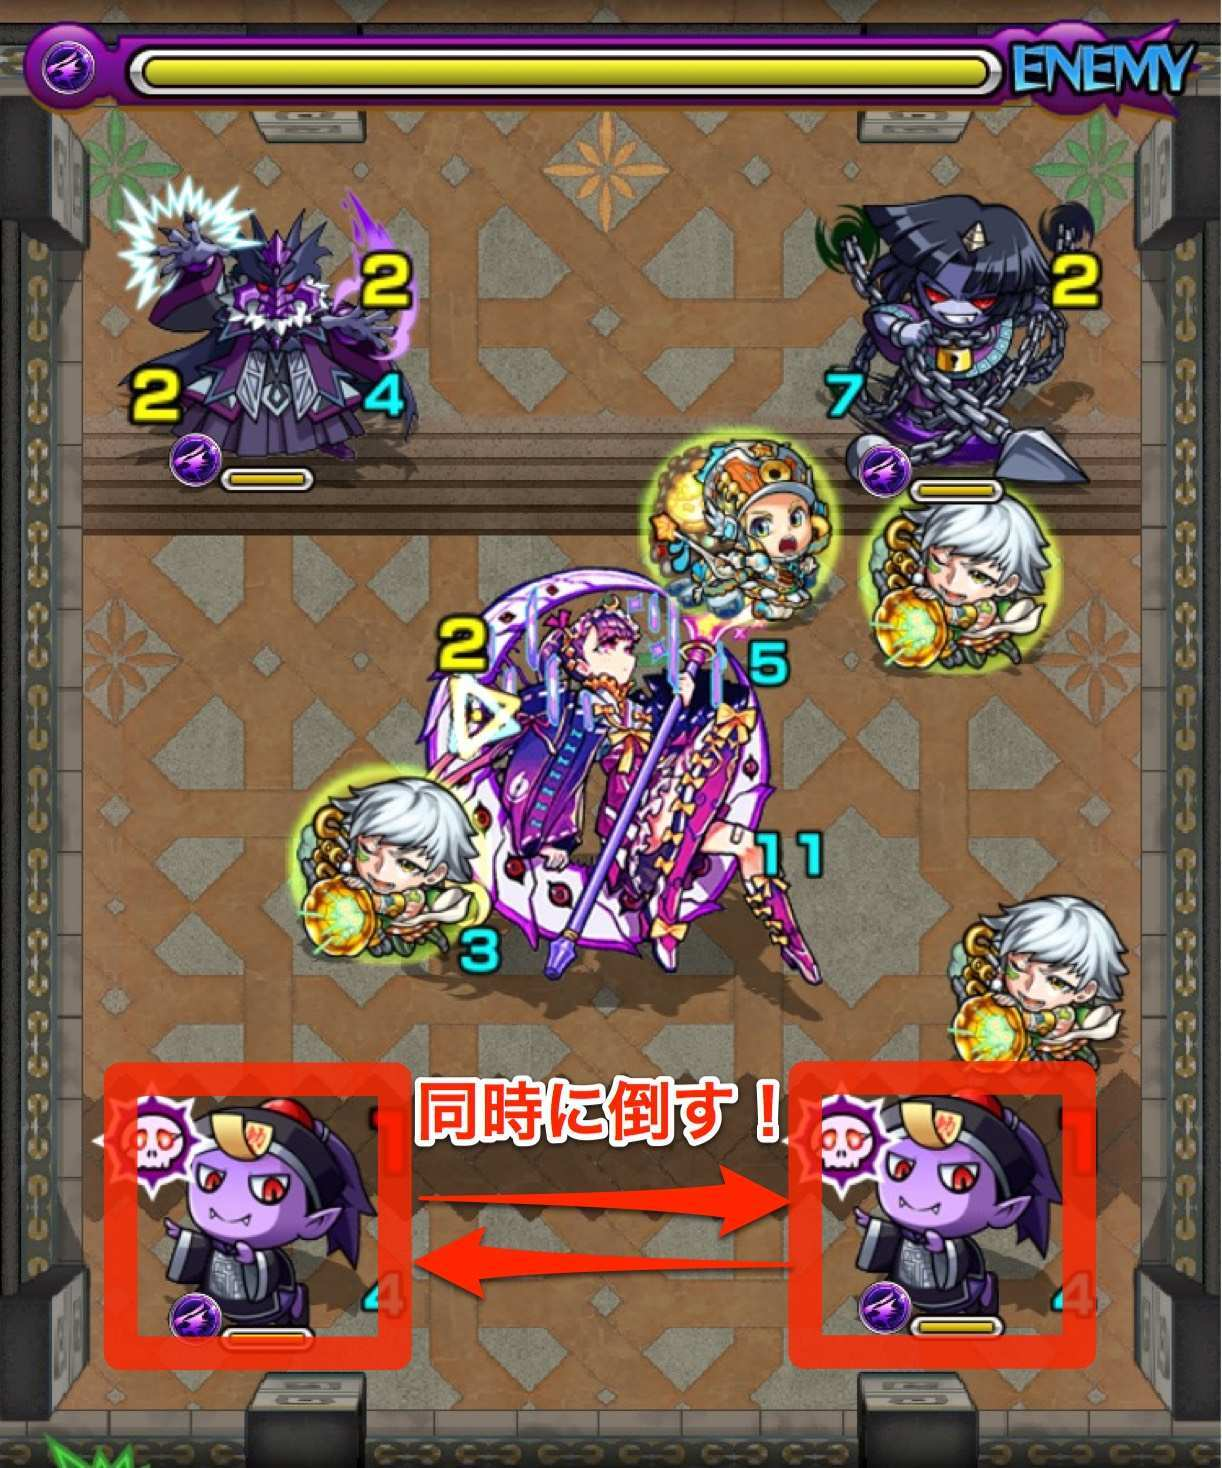 覇者の塔29階ステージ3.jpg